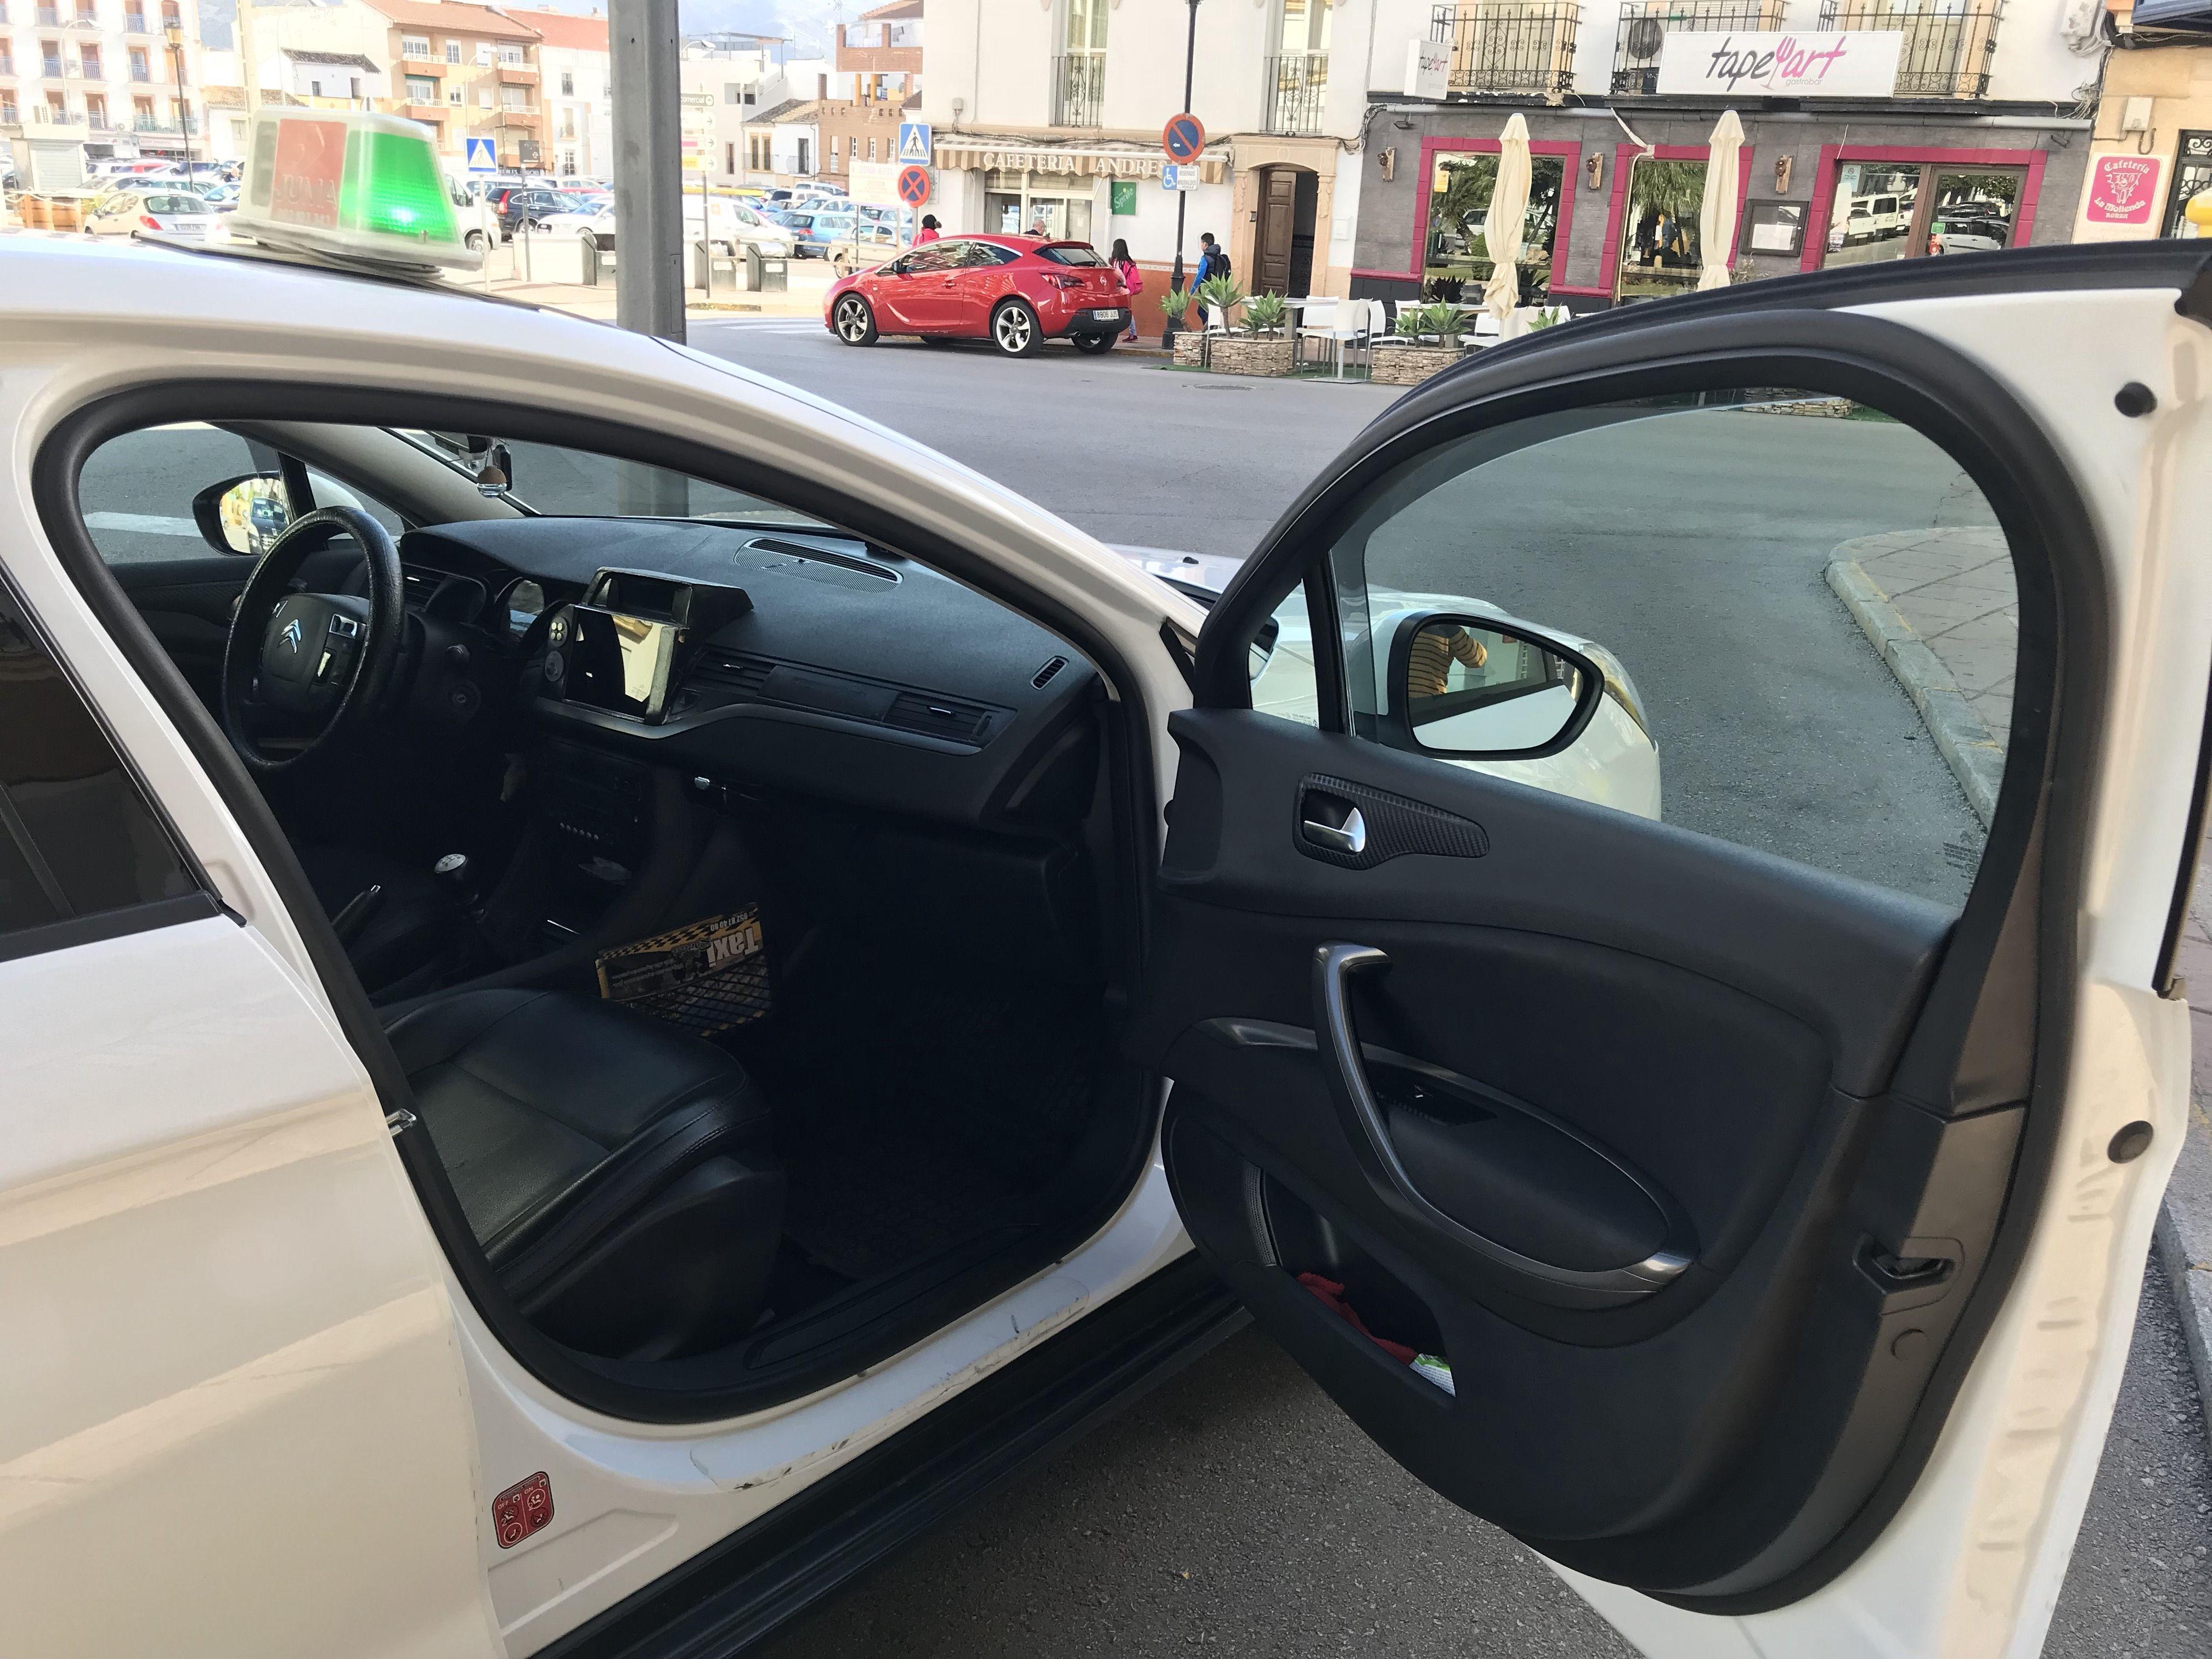 Servicio de taxis en Ronda